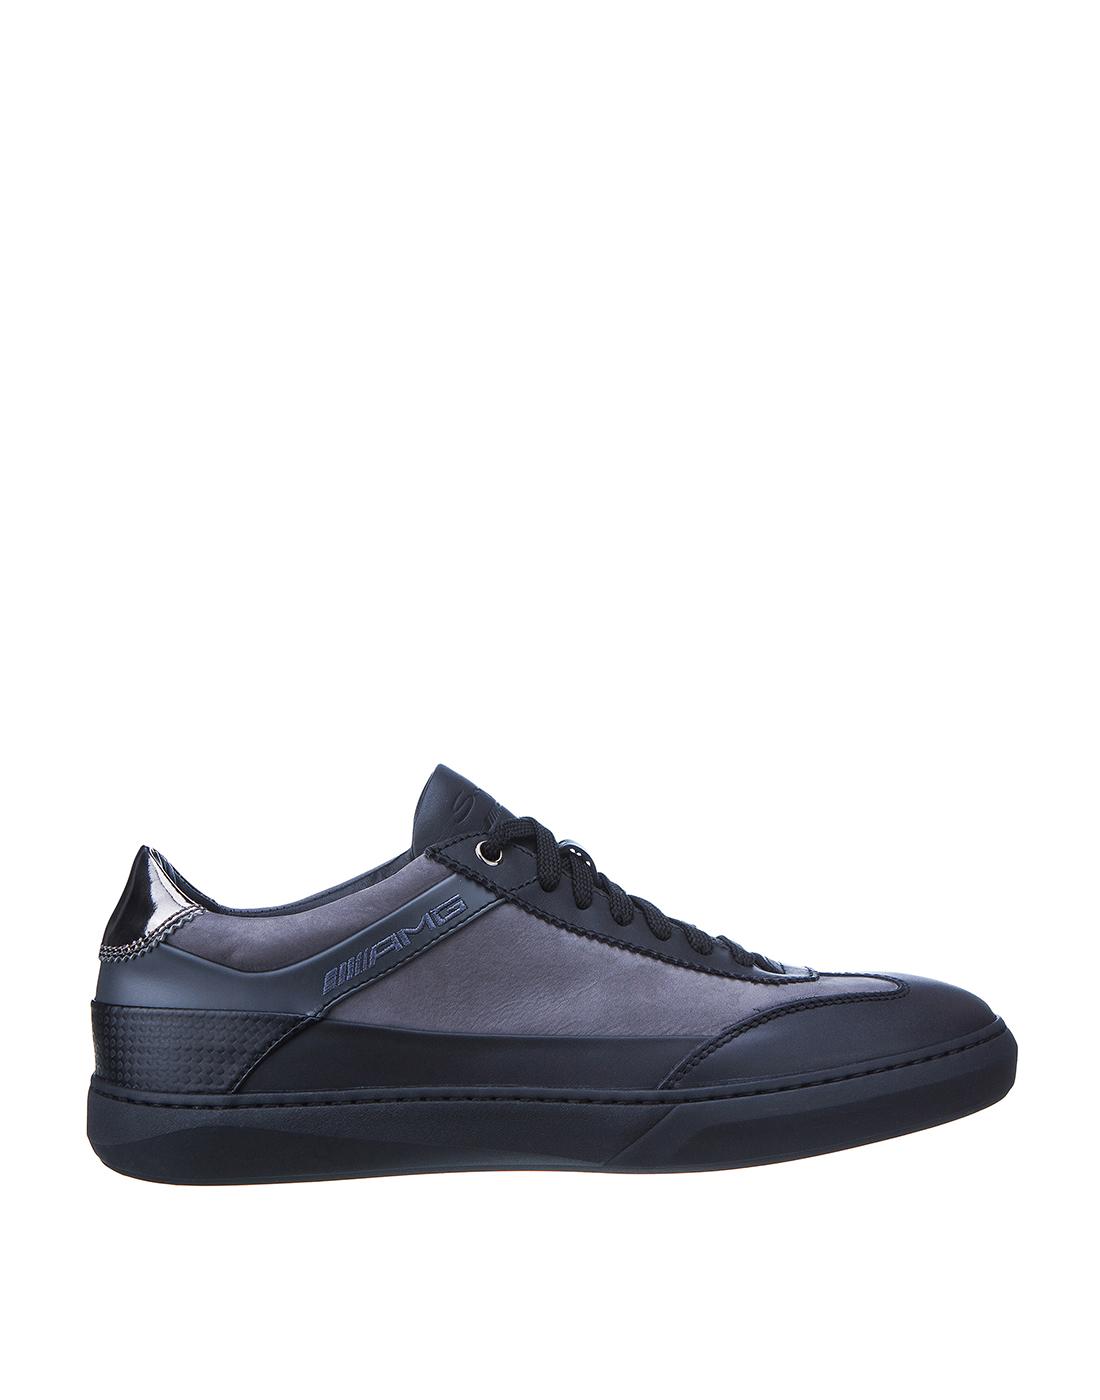 Кроссовки серые мужские Santoni SMSAM21201NEORSFYG62-1